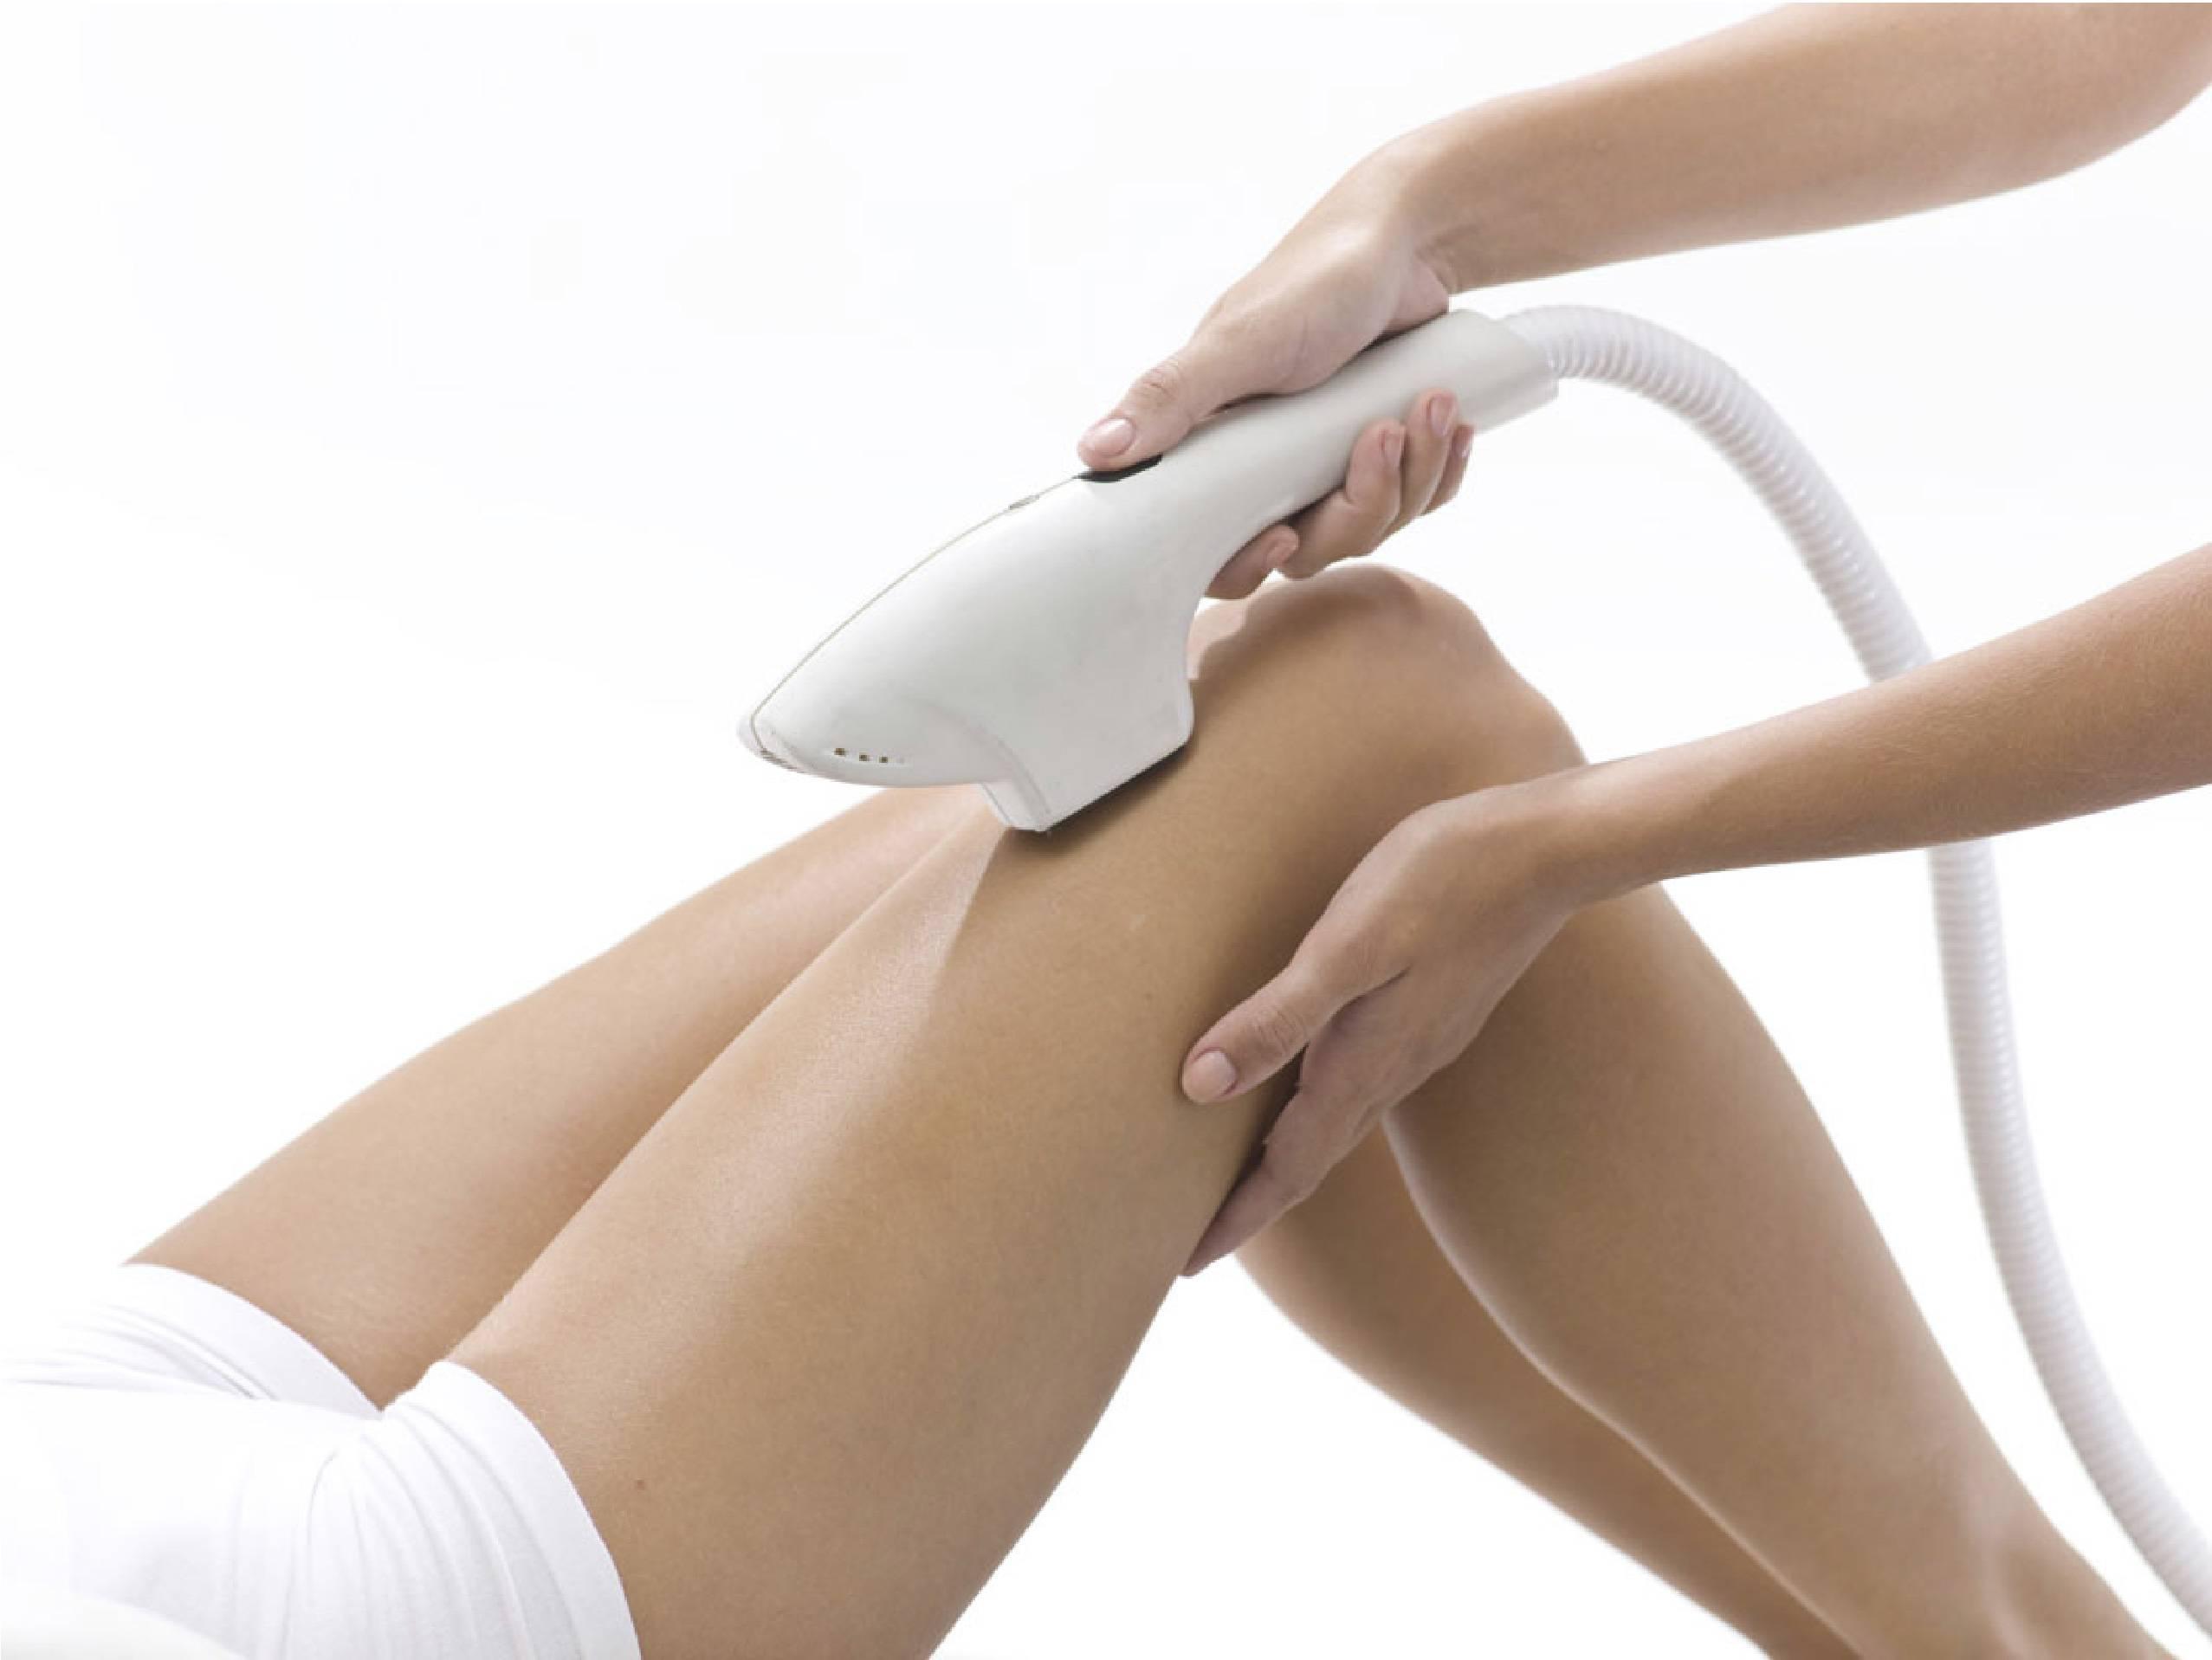 Борьба за гладкость кожи: фотоэпиляция или лазерная эпиляция — что лучше выбрать